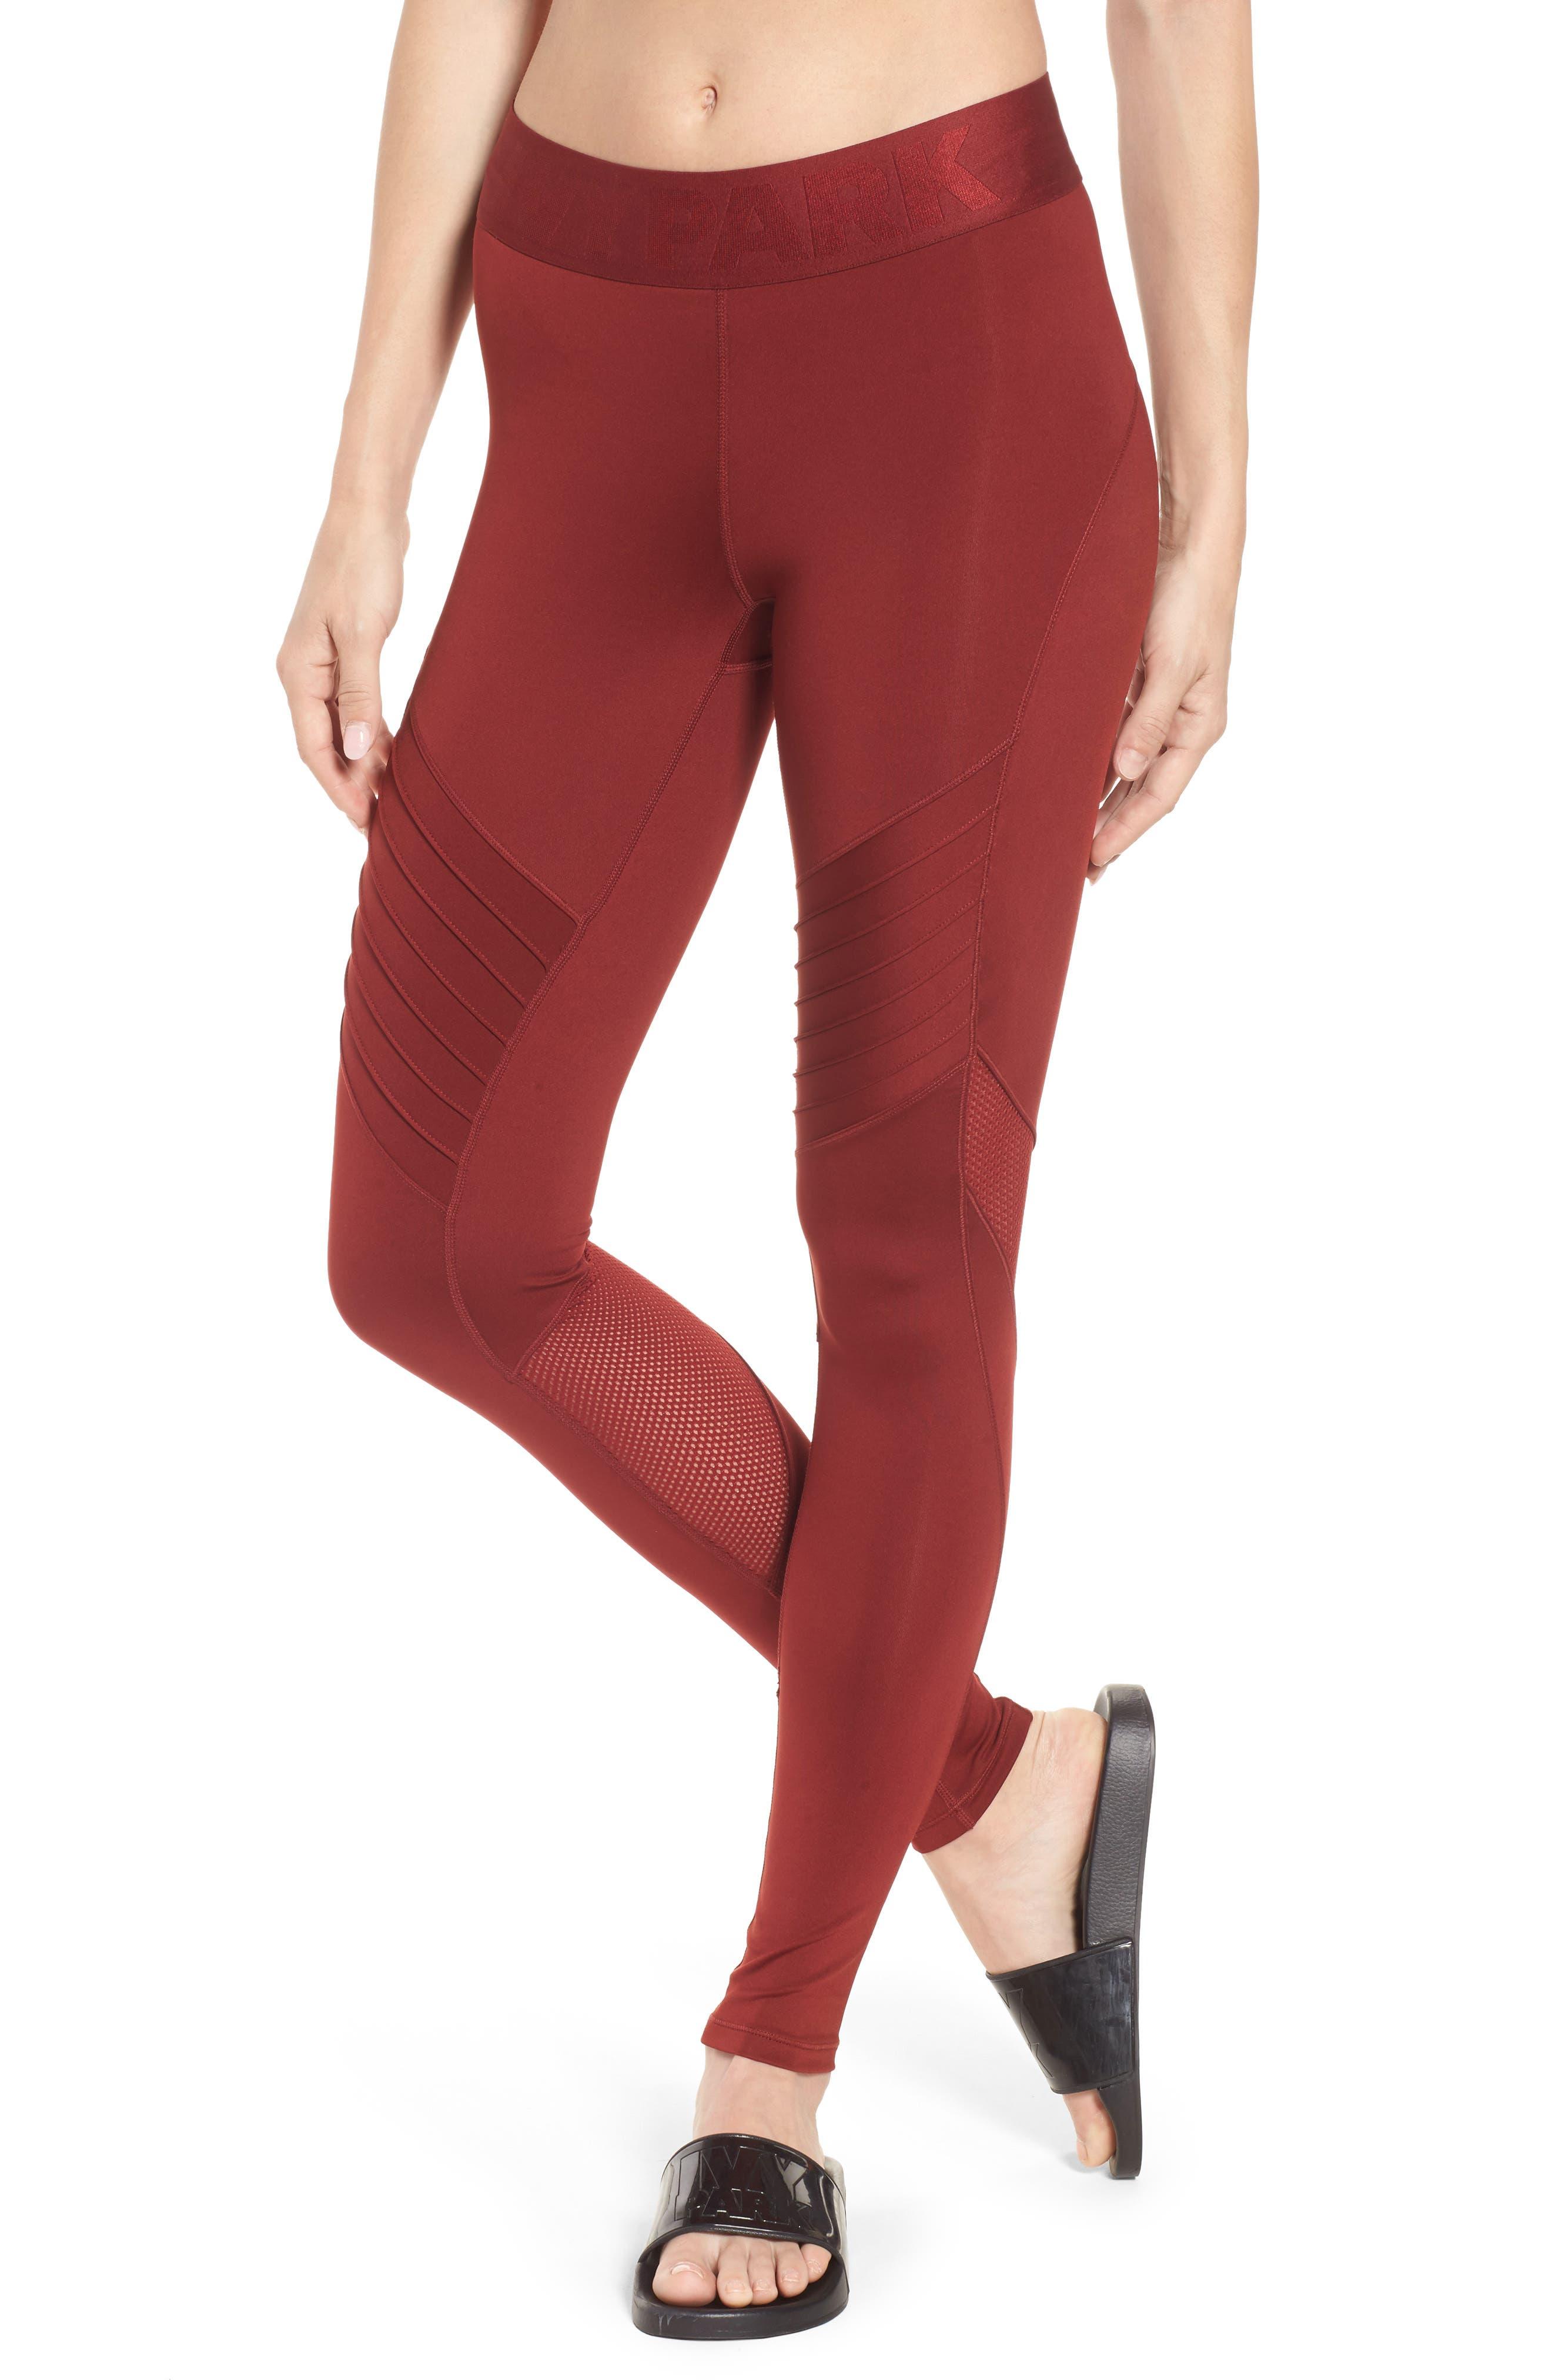 Main Image - IVY PARK® Pintuck Leggings